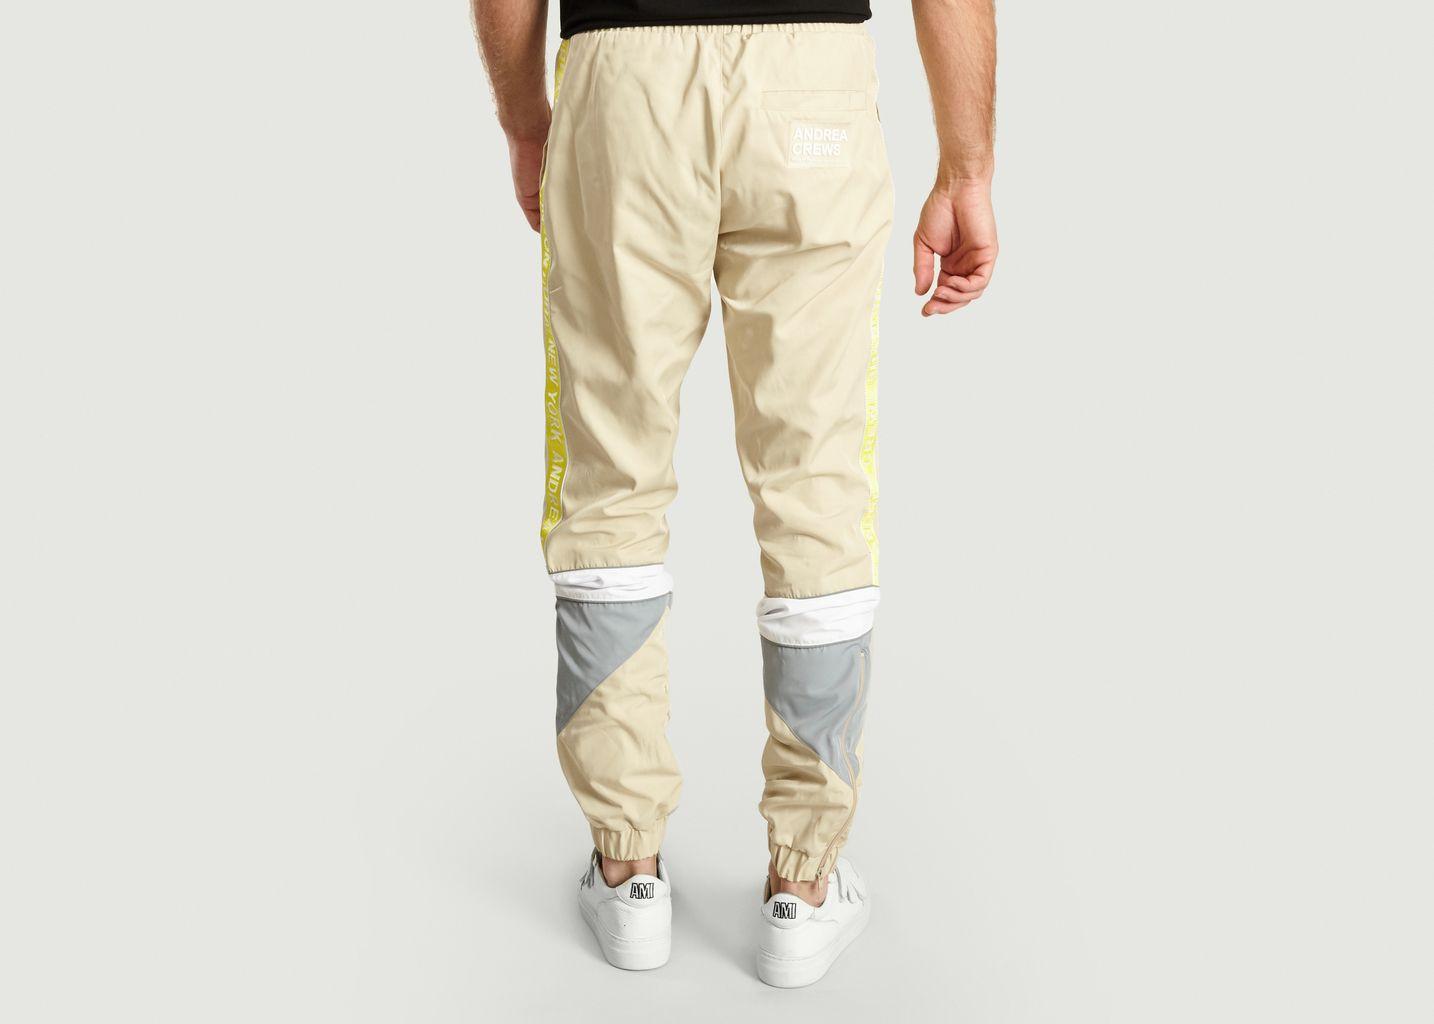 Pantalon de Jogging - Andrea Crews